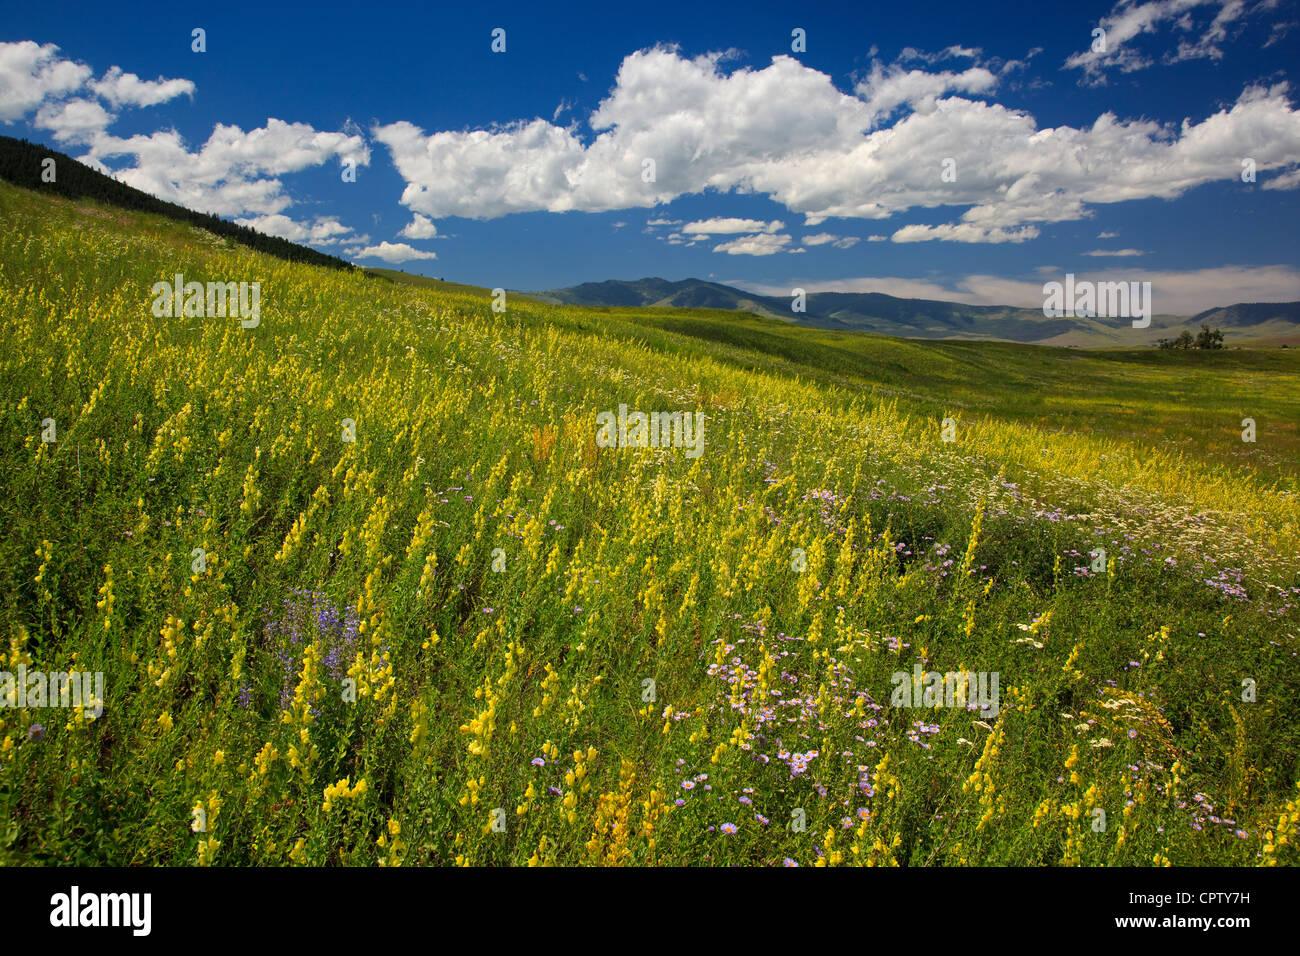 National Bison Range Wildlife Refuge des collines des prairies avec fleurs d'été sous les cumulus Photo Stock